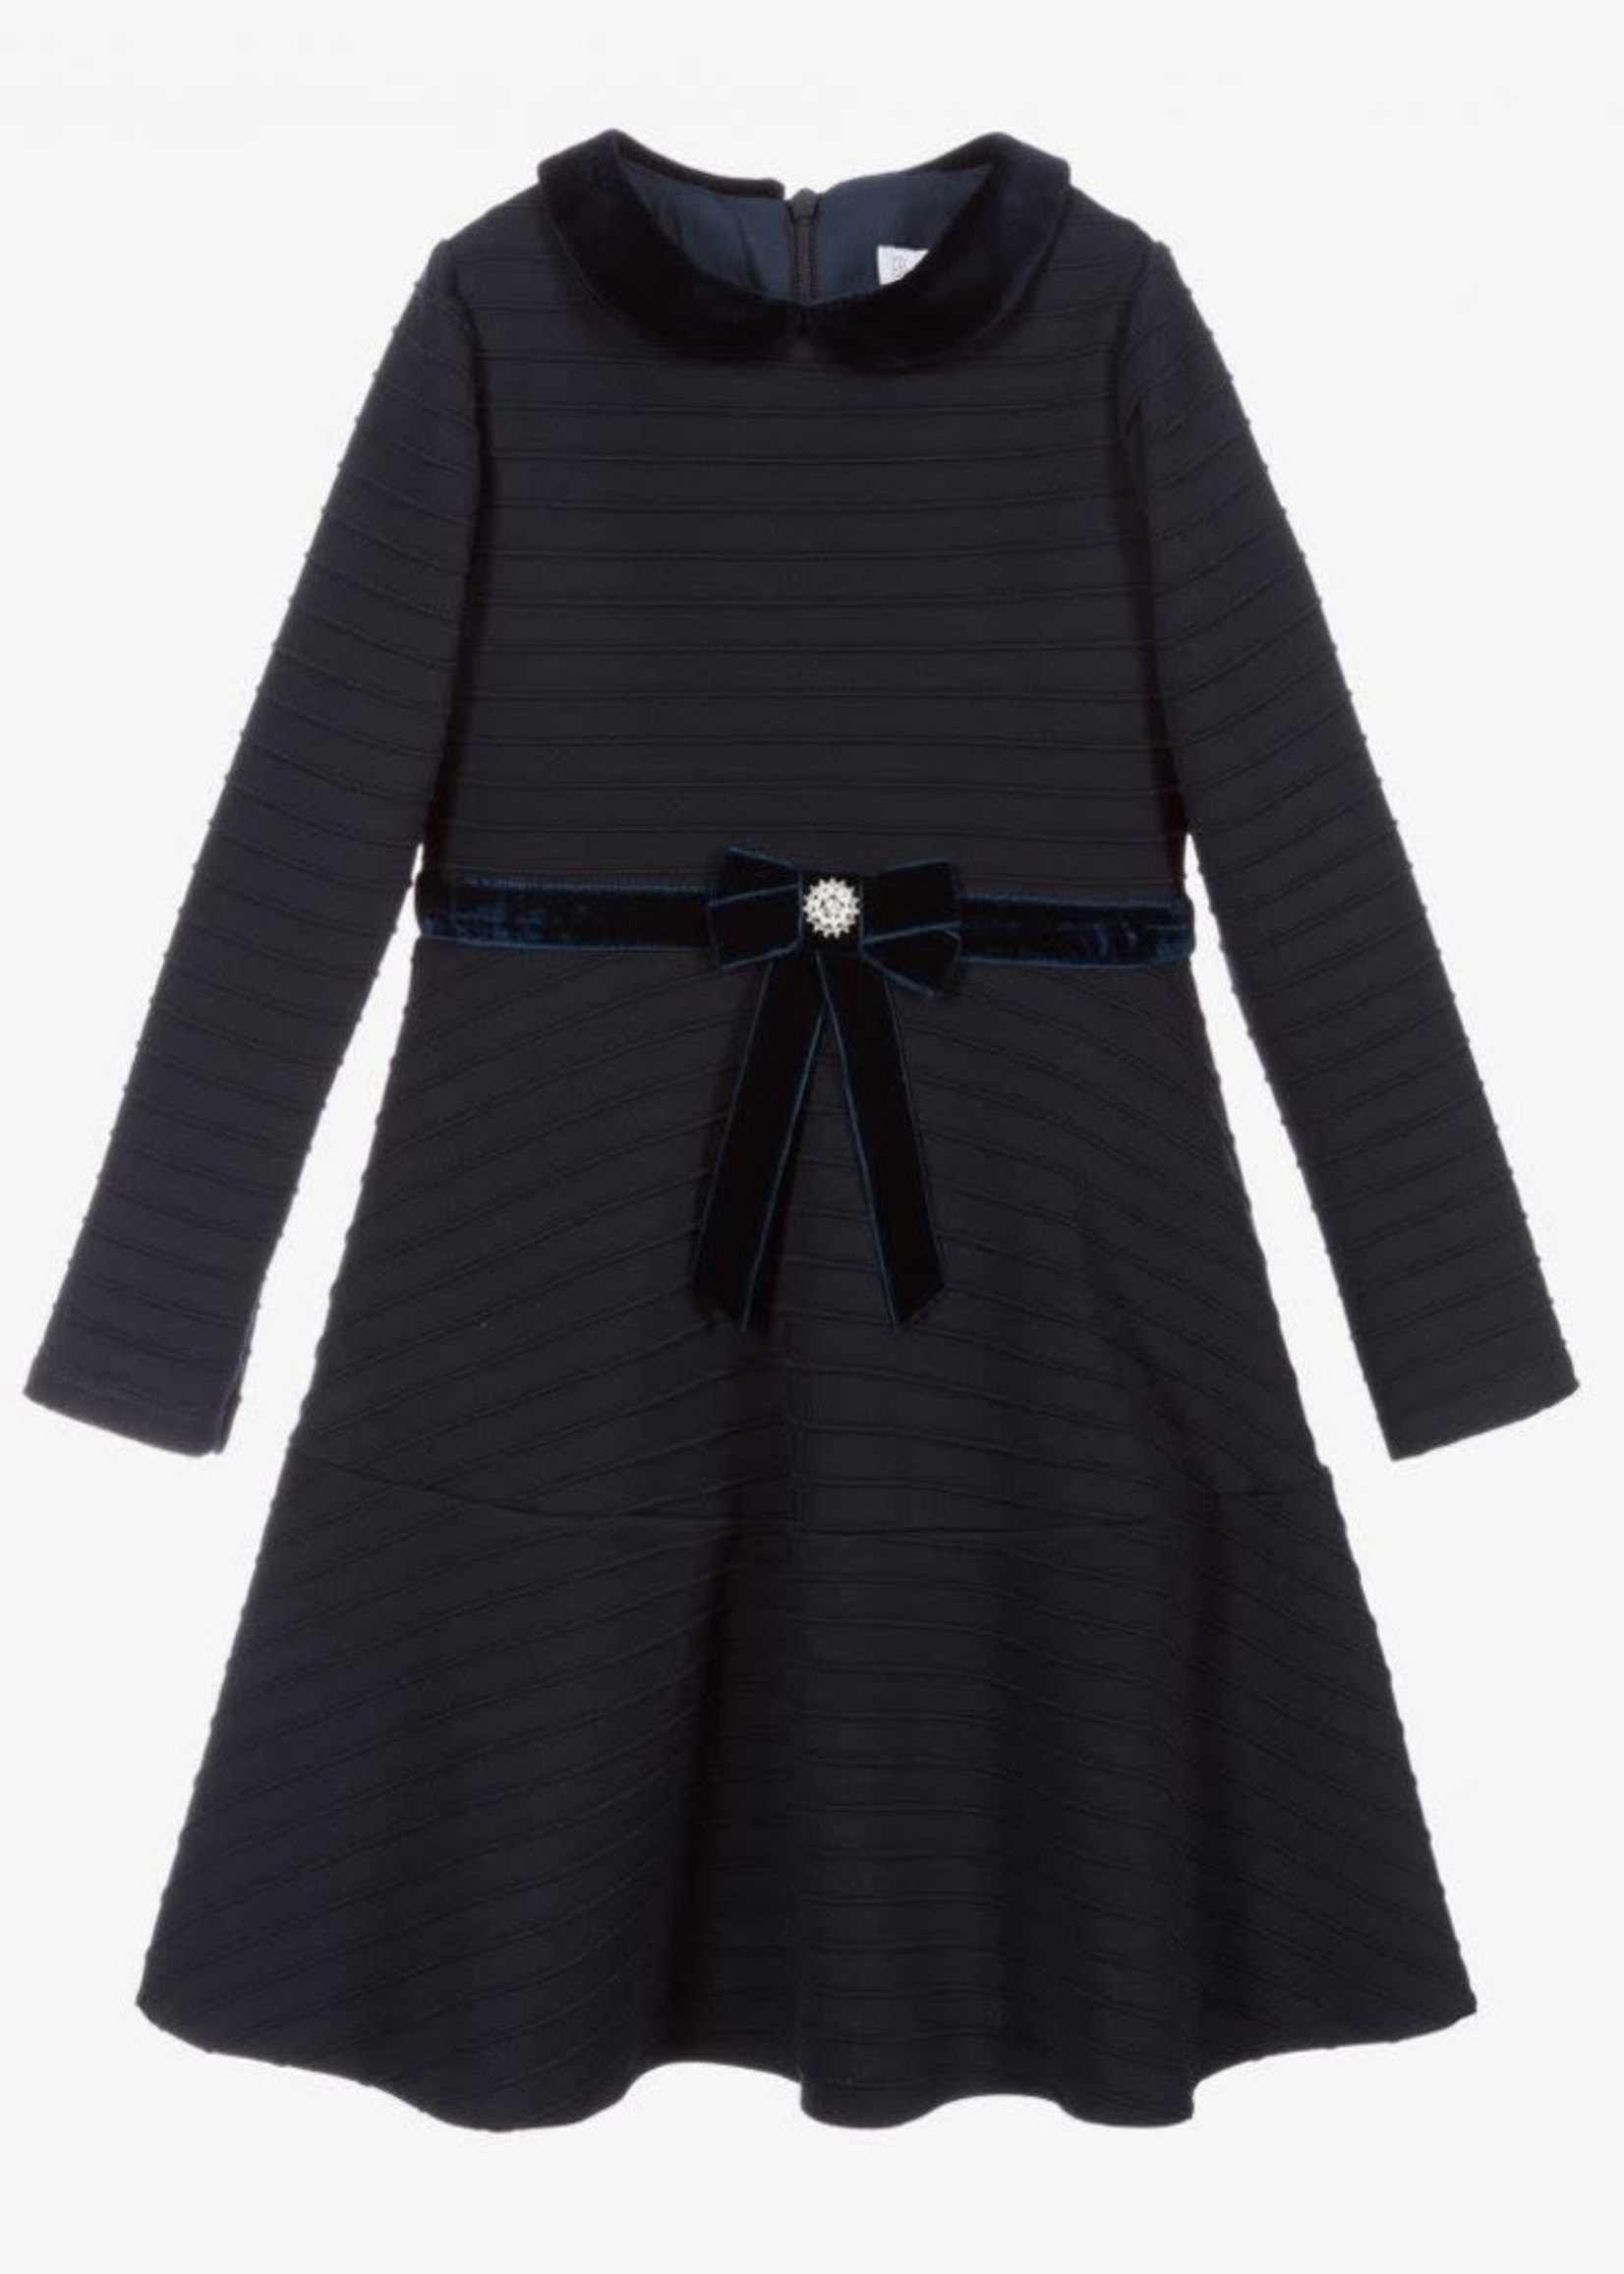 Patachou Patachou-AW21 3333550 DRESS